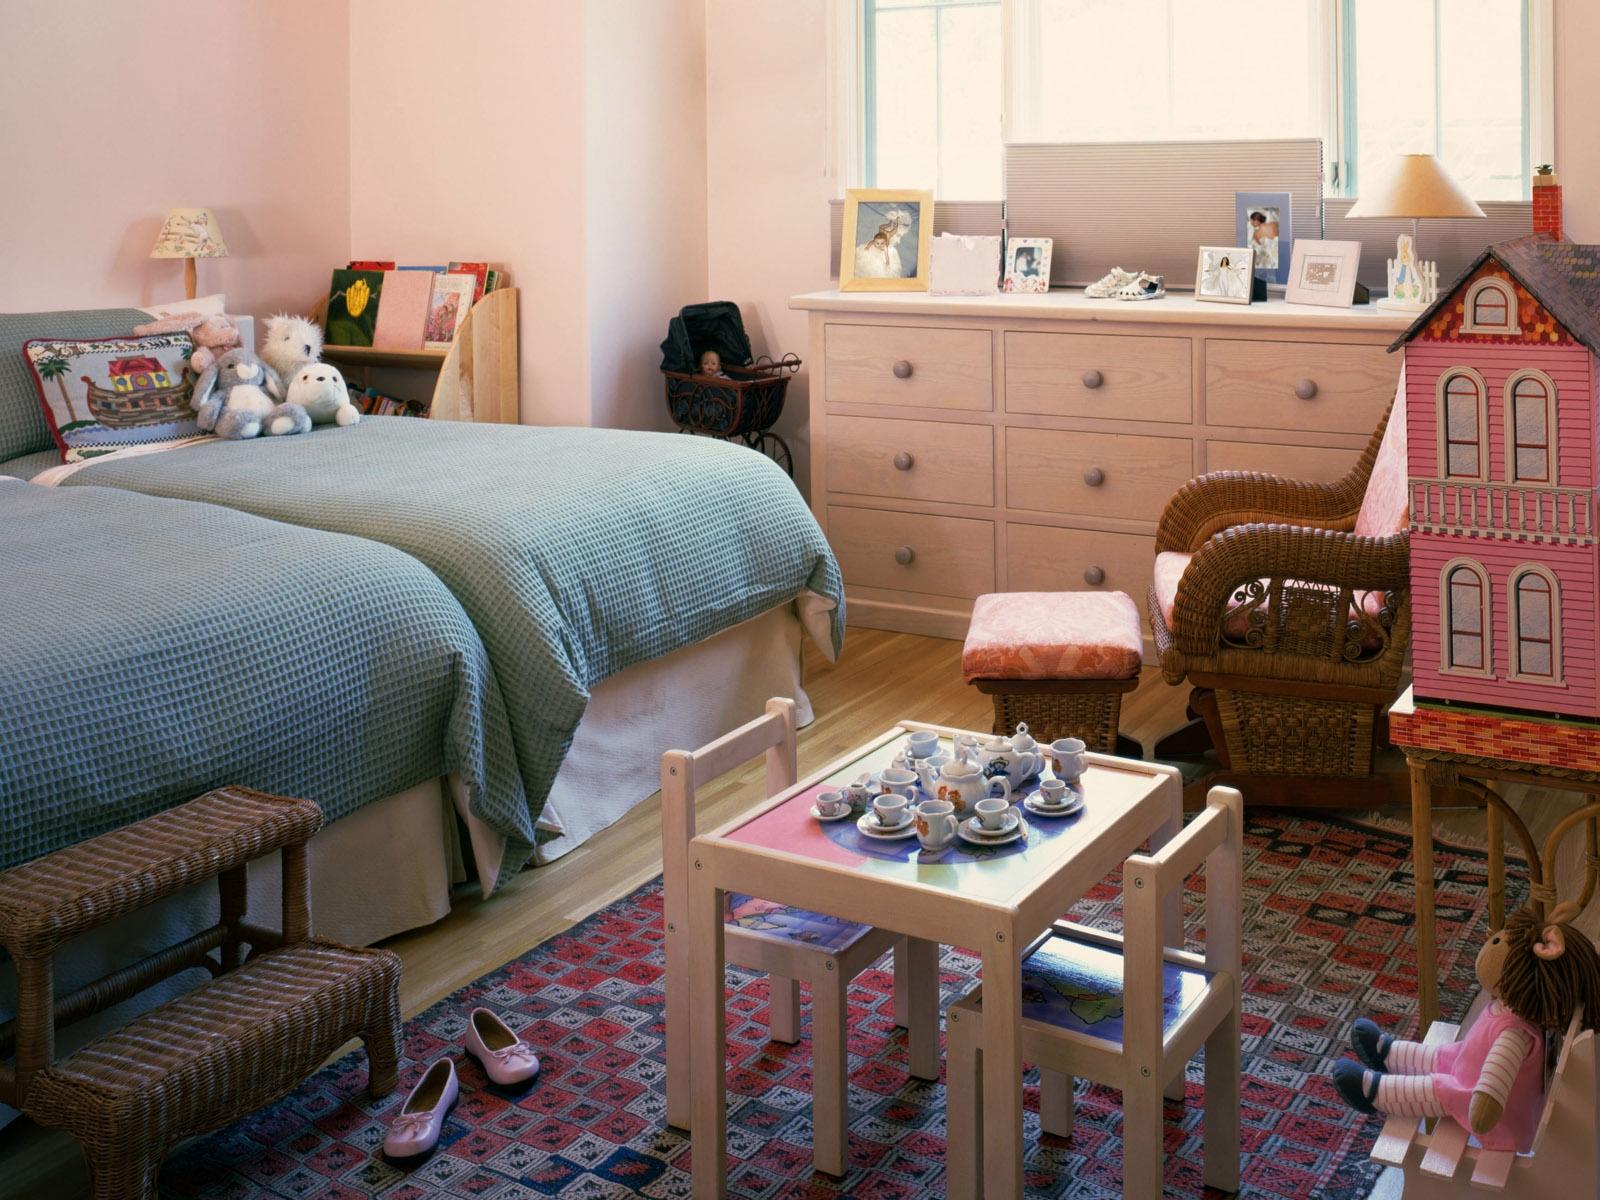 Hintergrundbilder : Spielzeug, Zimmer, Innere, Bett, Tabelle ...